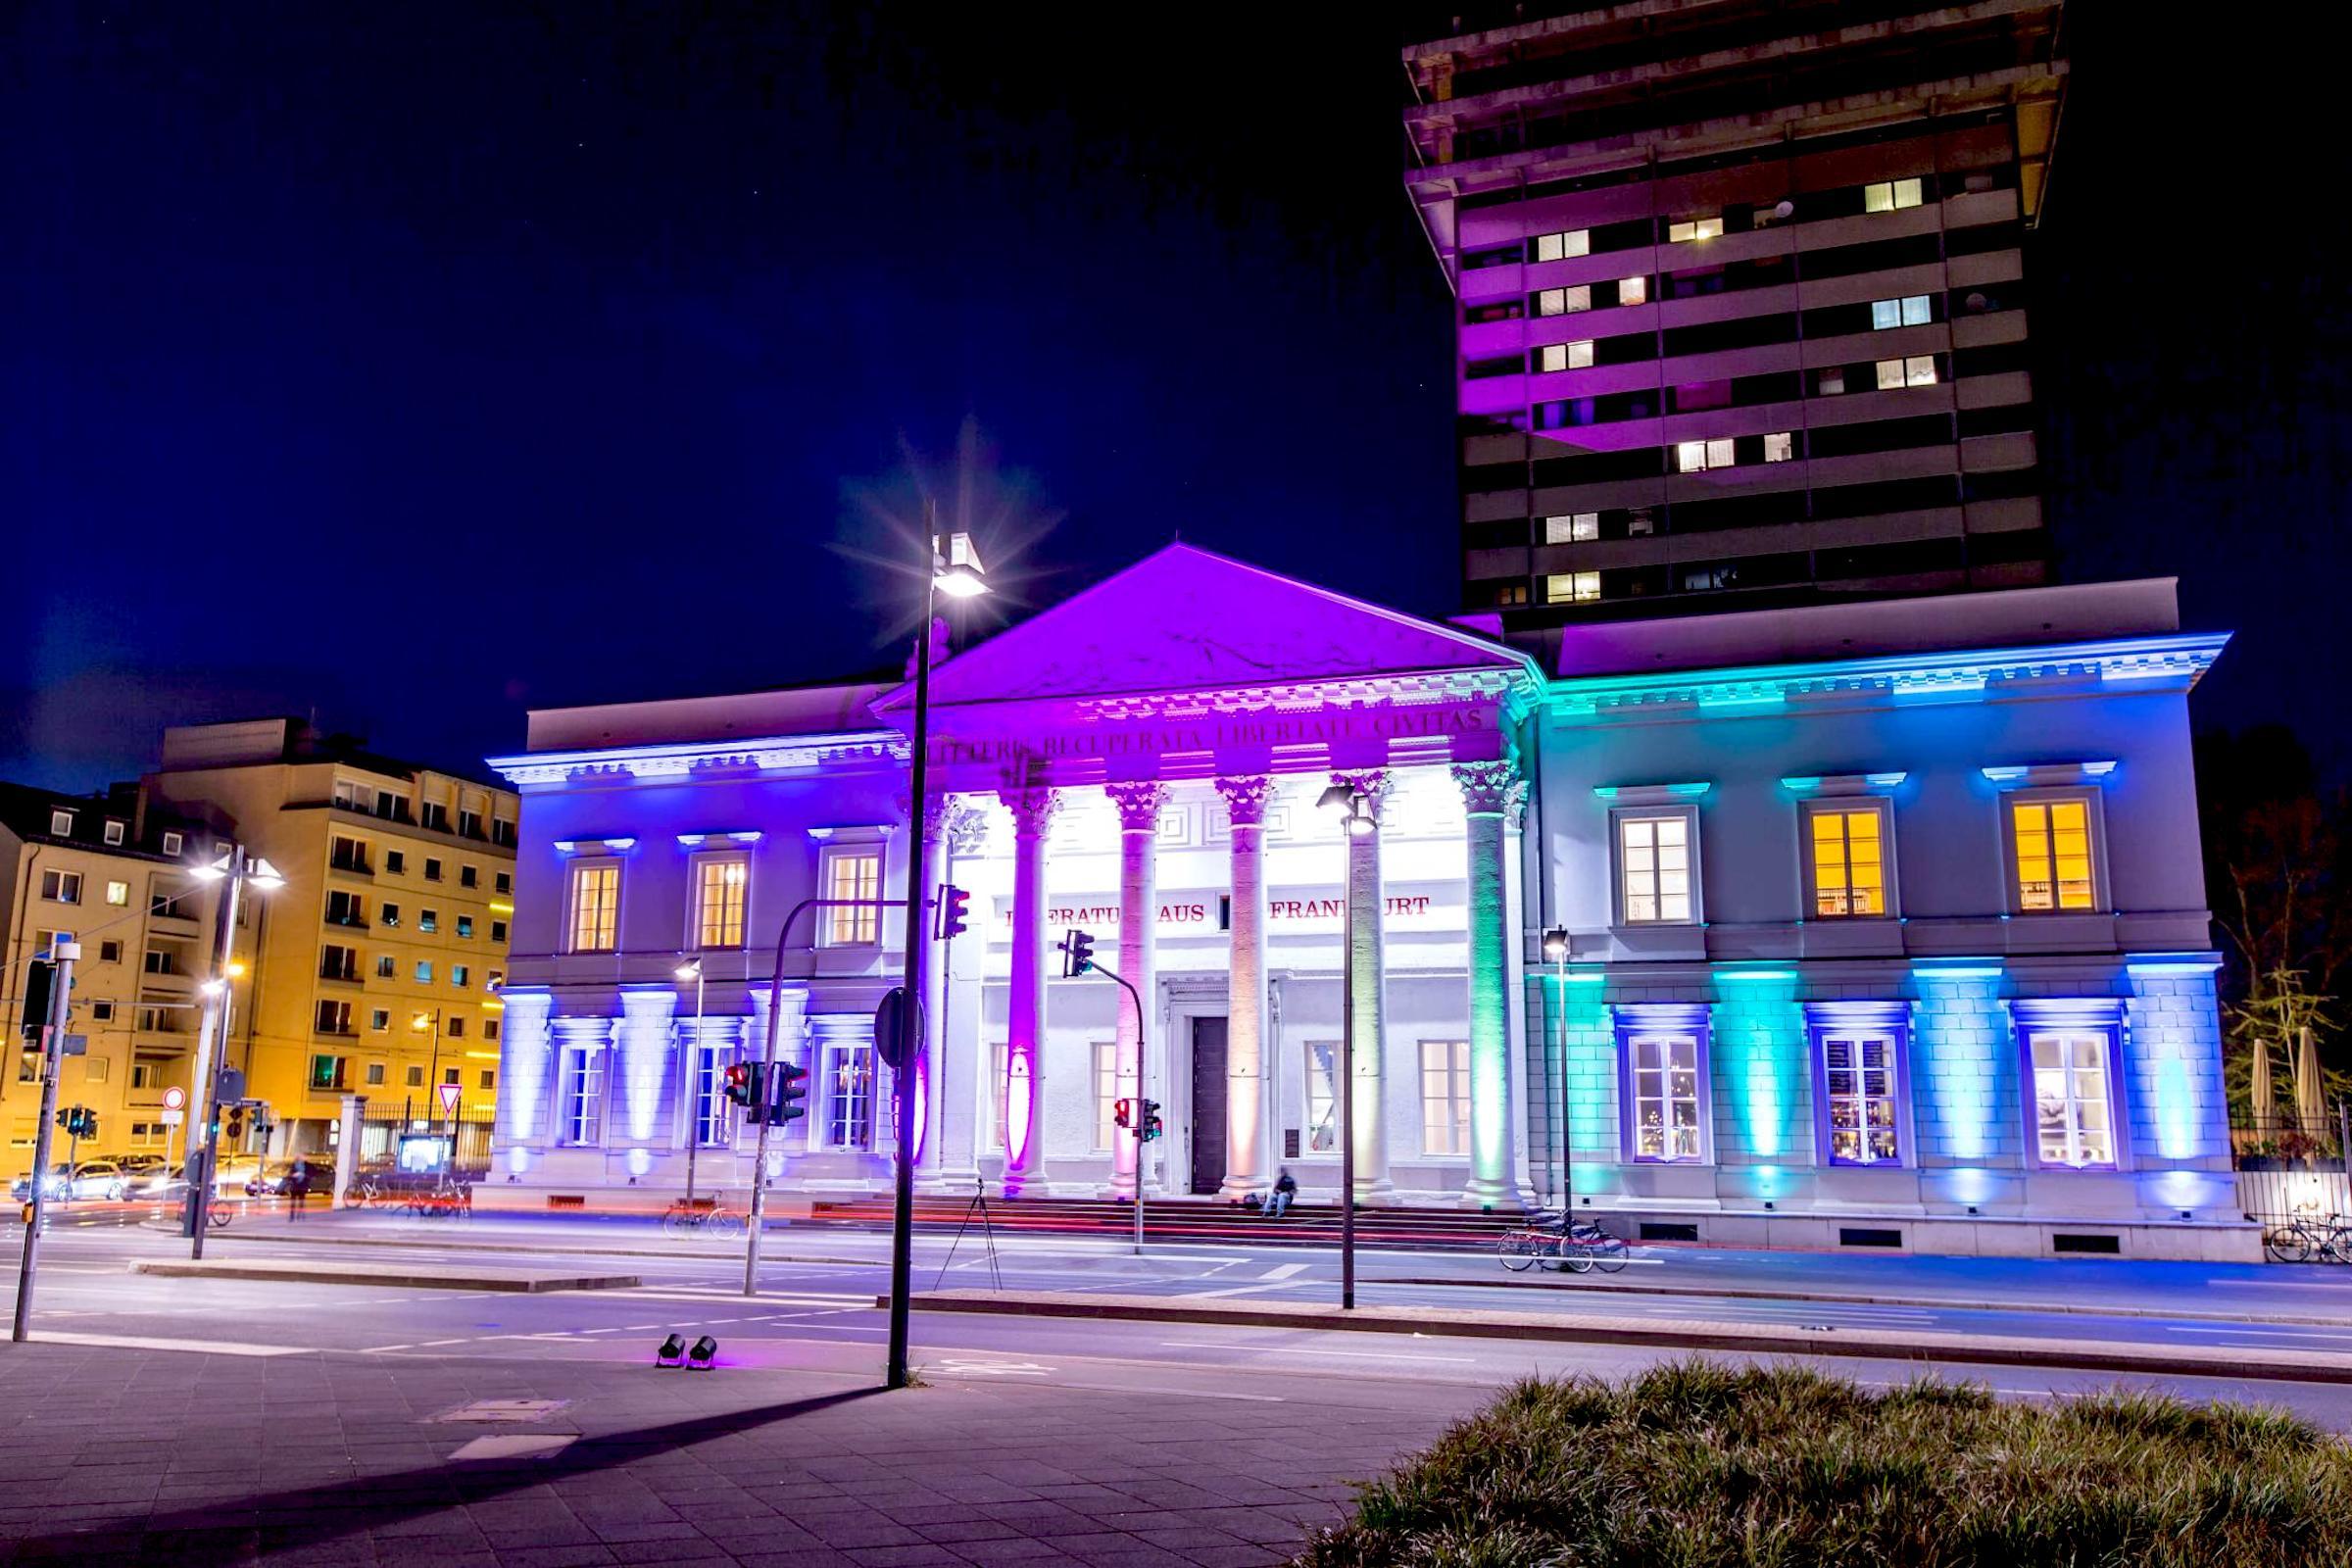 Lichttechnik |Outdoor |Fassaden |Beleuchtung |Lichttechnik |Scheinwerfer |Uplight |Licht |Konzept |Illumination |Veranstaltungstechnik |Firmenkunden |Eventaustattung |Mieten |Buchen